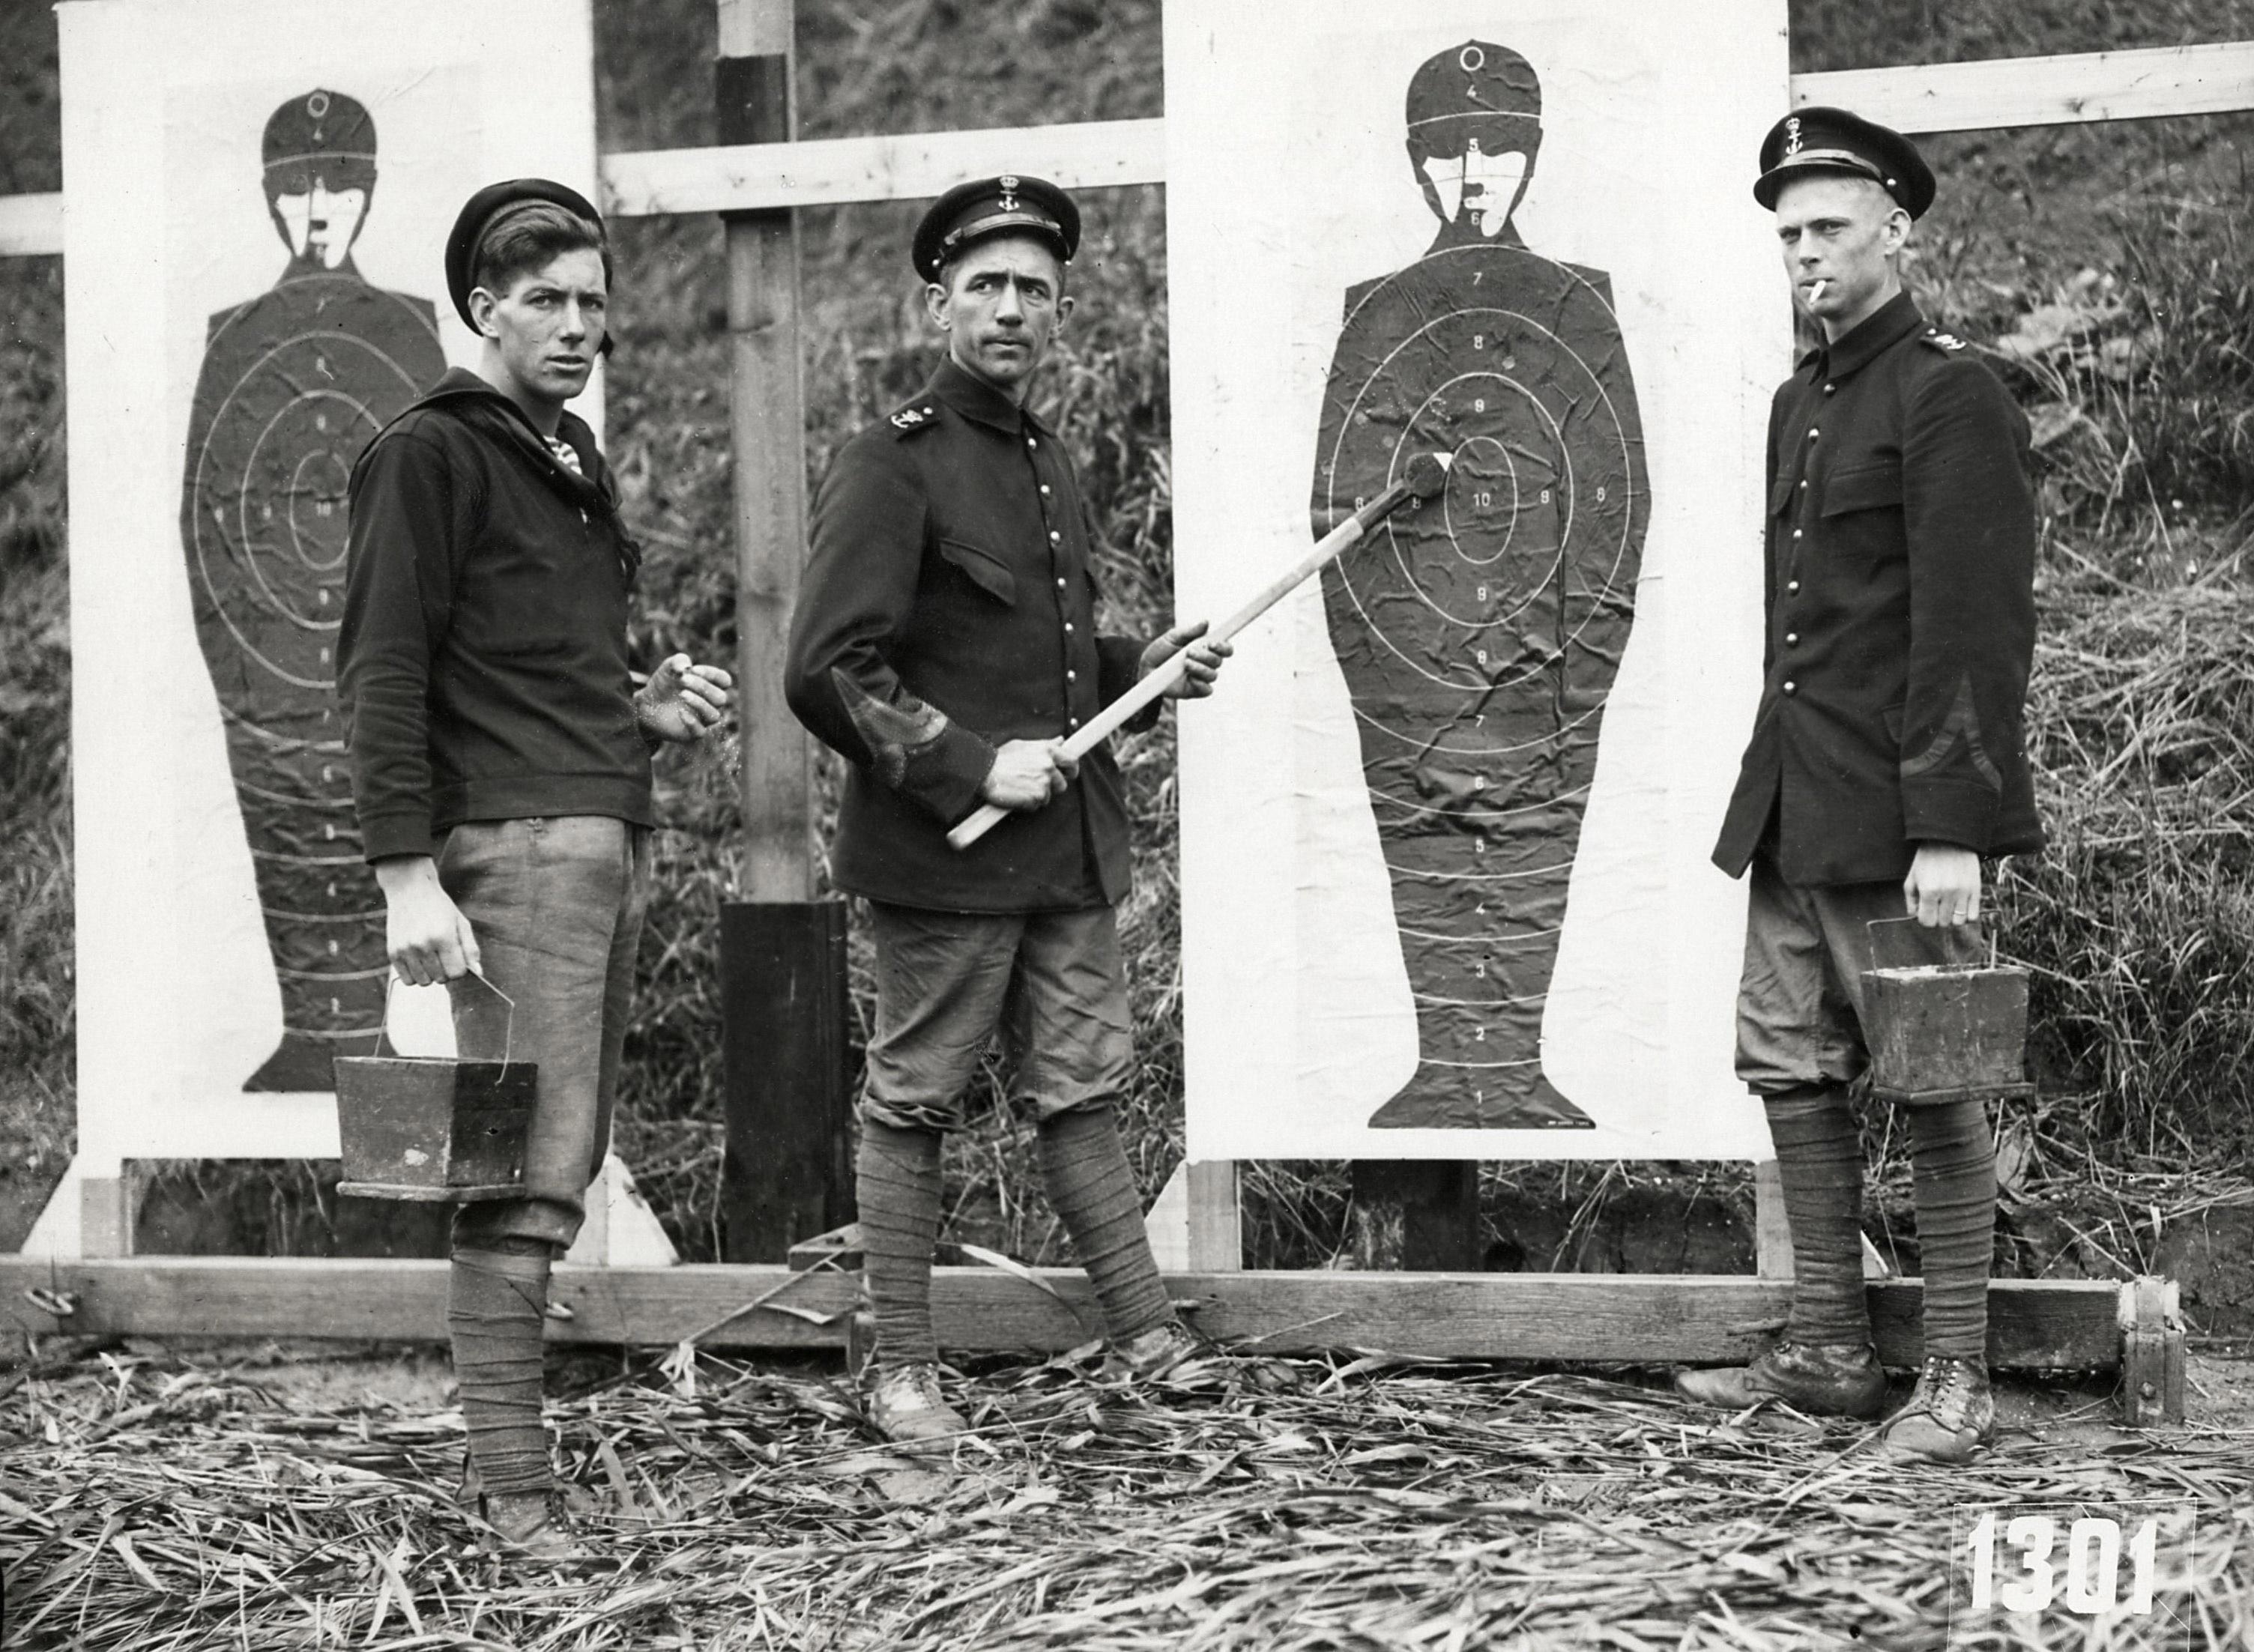 Juízes da prova de tiro, de uniforme e cigarro na boca, nos JO de Amsterdã, em 1928.